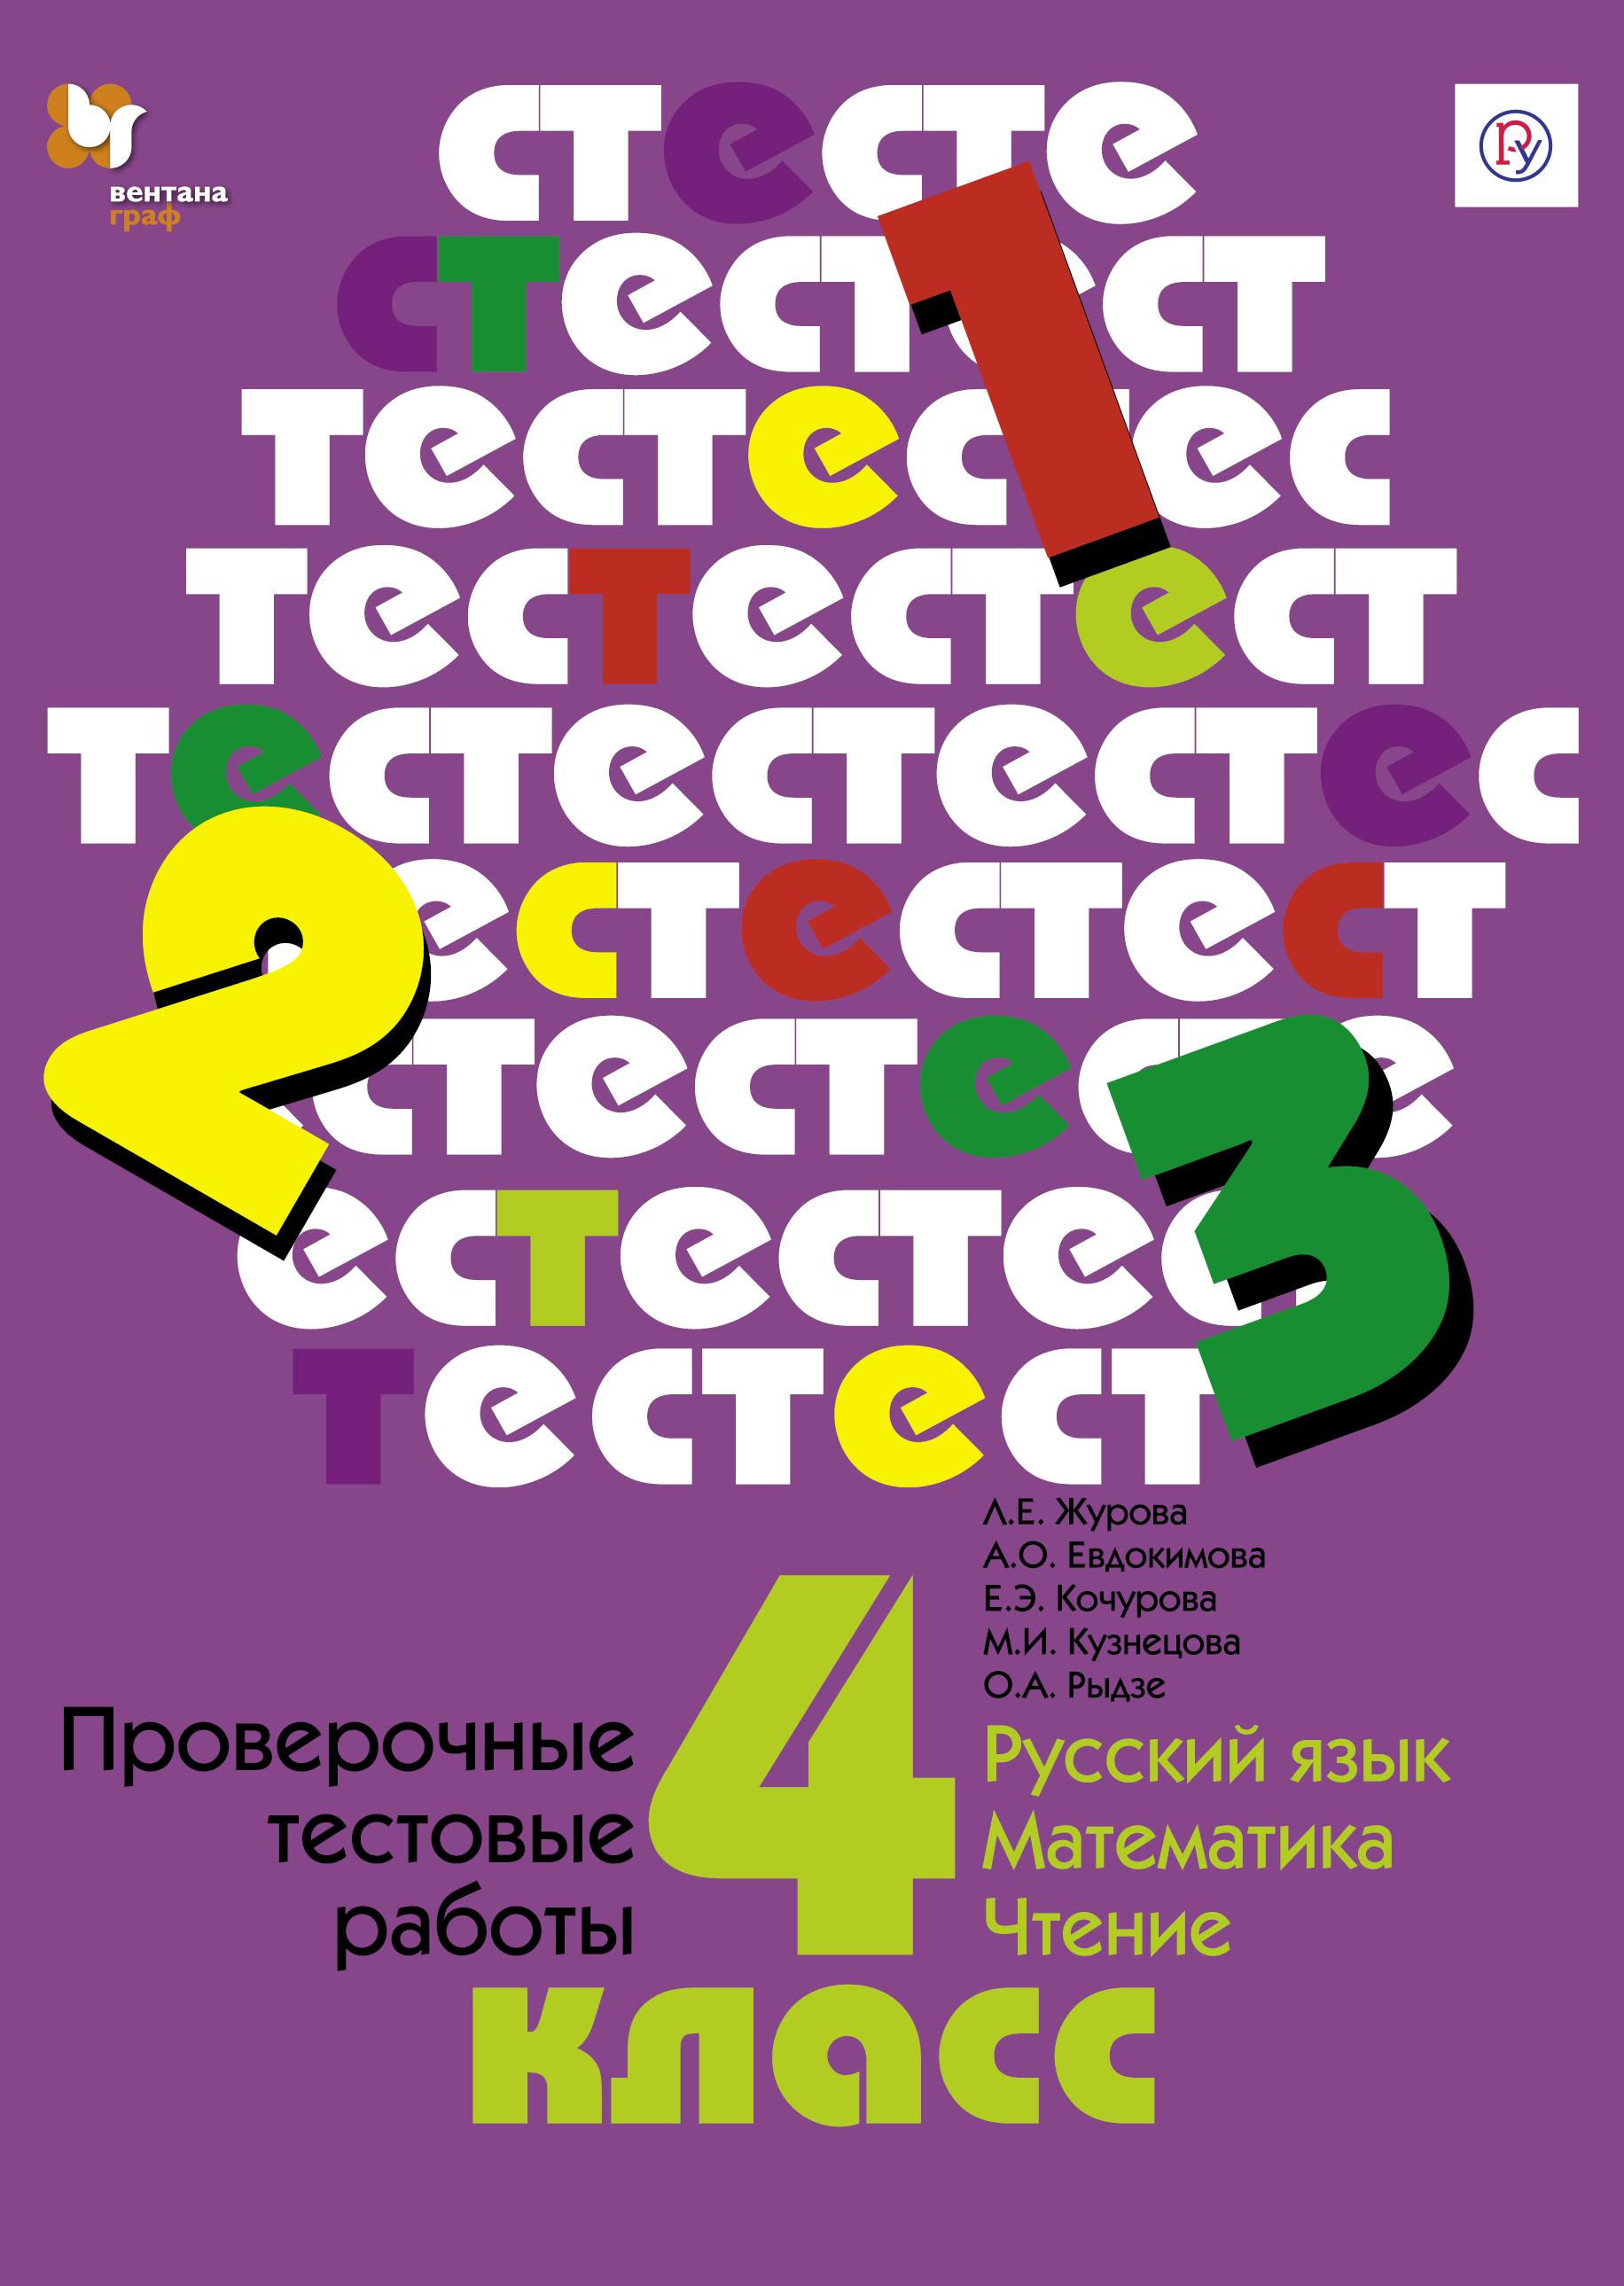 Проверочные тестовые работы. Русский язык. Математика. Чтение. 4класс. Дидактические материалы (с методическим пособием)